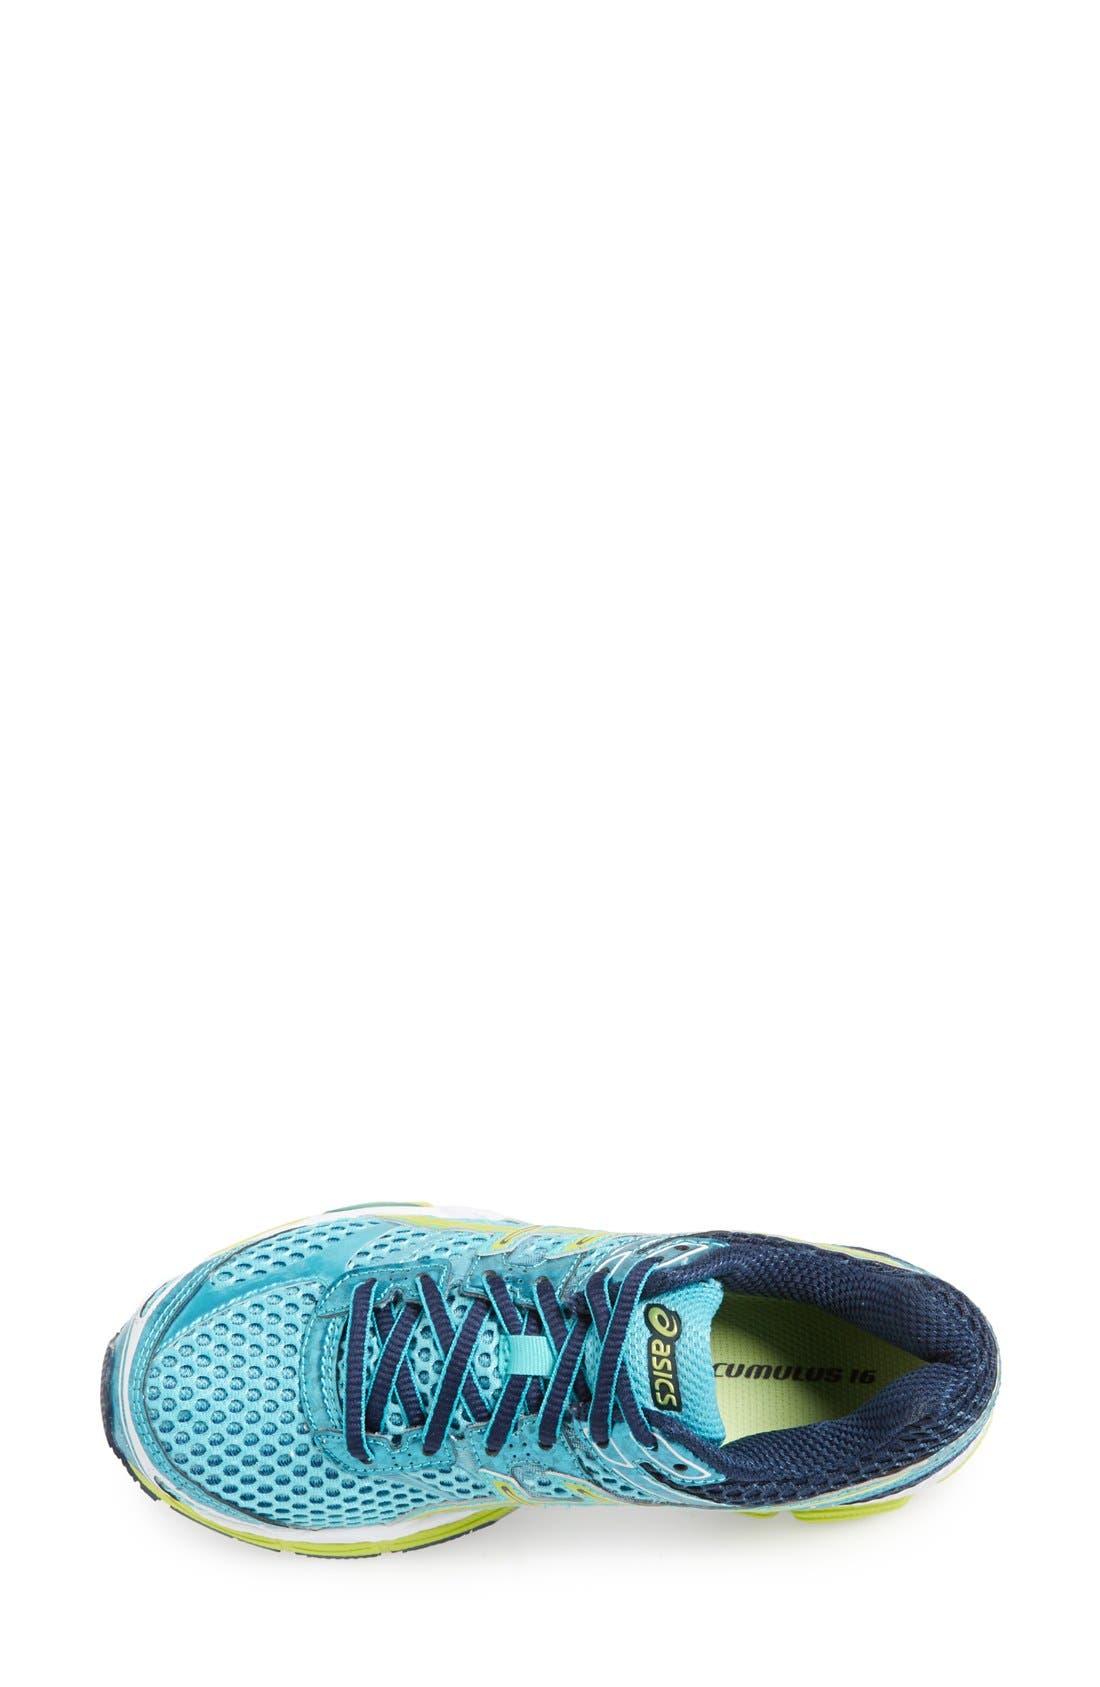 Alternate Image 3  - ASICS® 'GEL-Cumulus® 16' Running Shoe (Women)